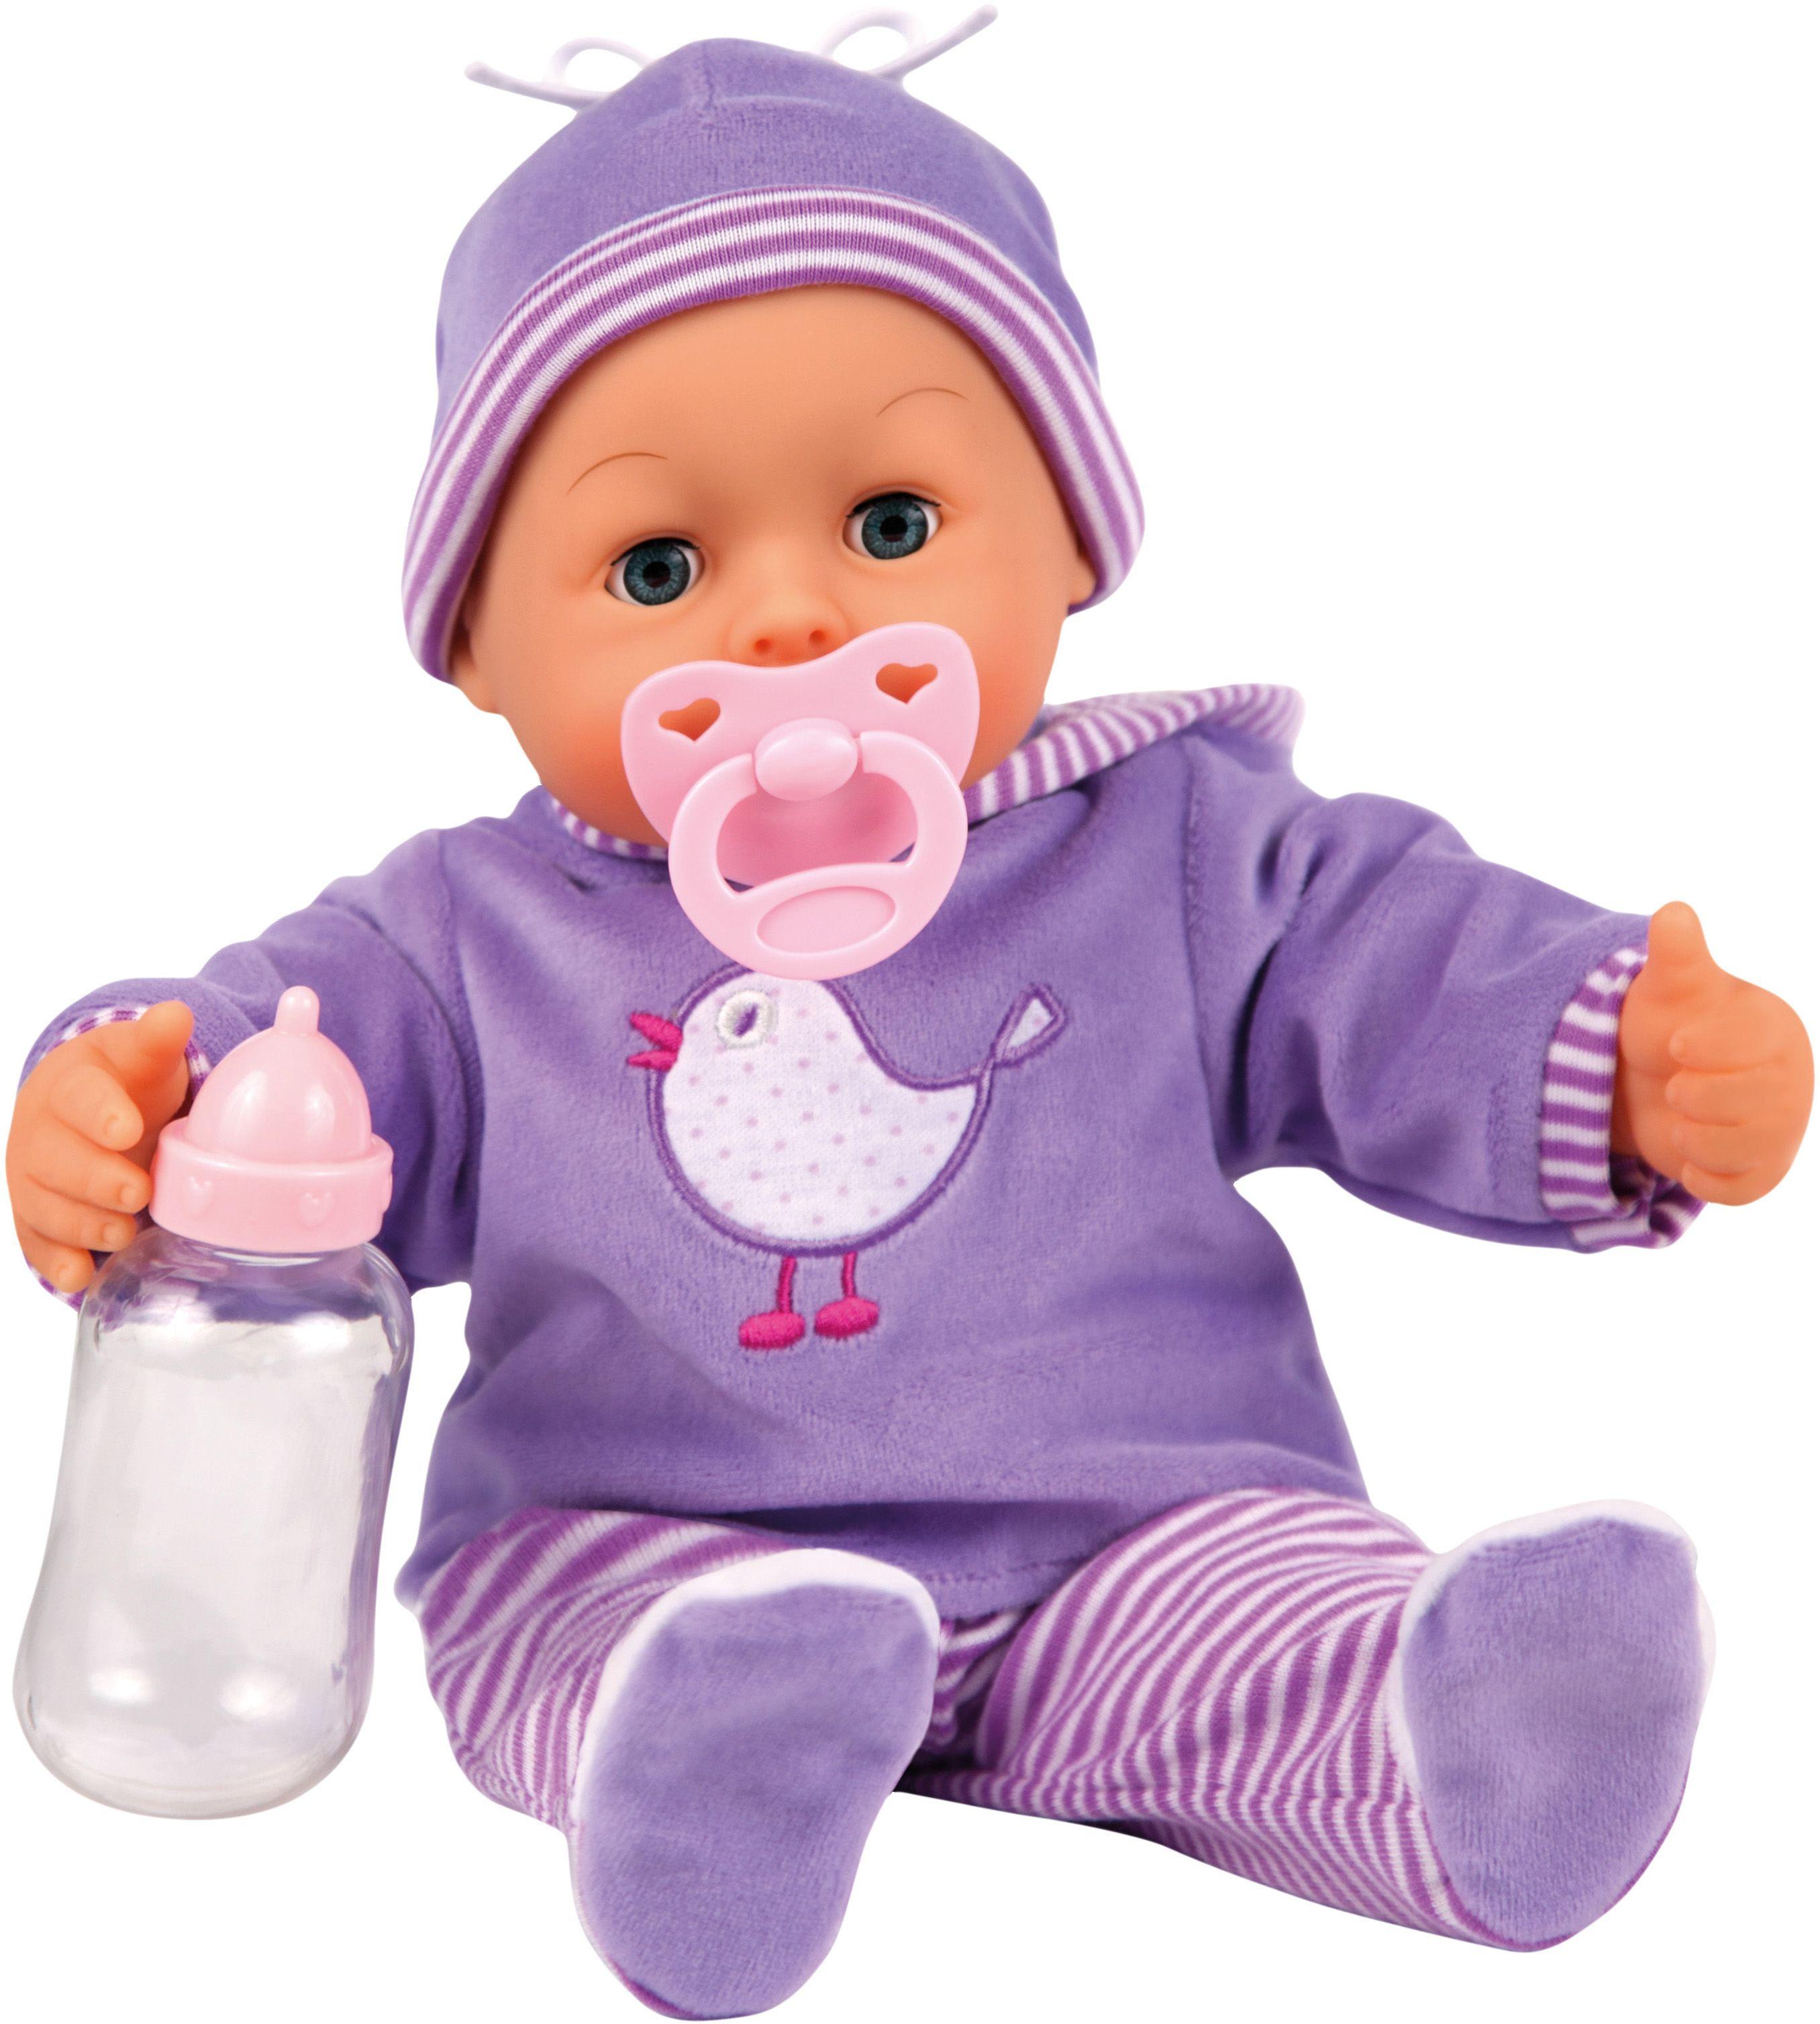 Bayer Design Пупс Малыш  мои первые слова 38 см 9381700 - Куклы и аксессуары